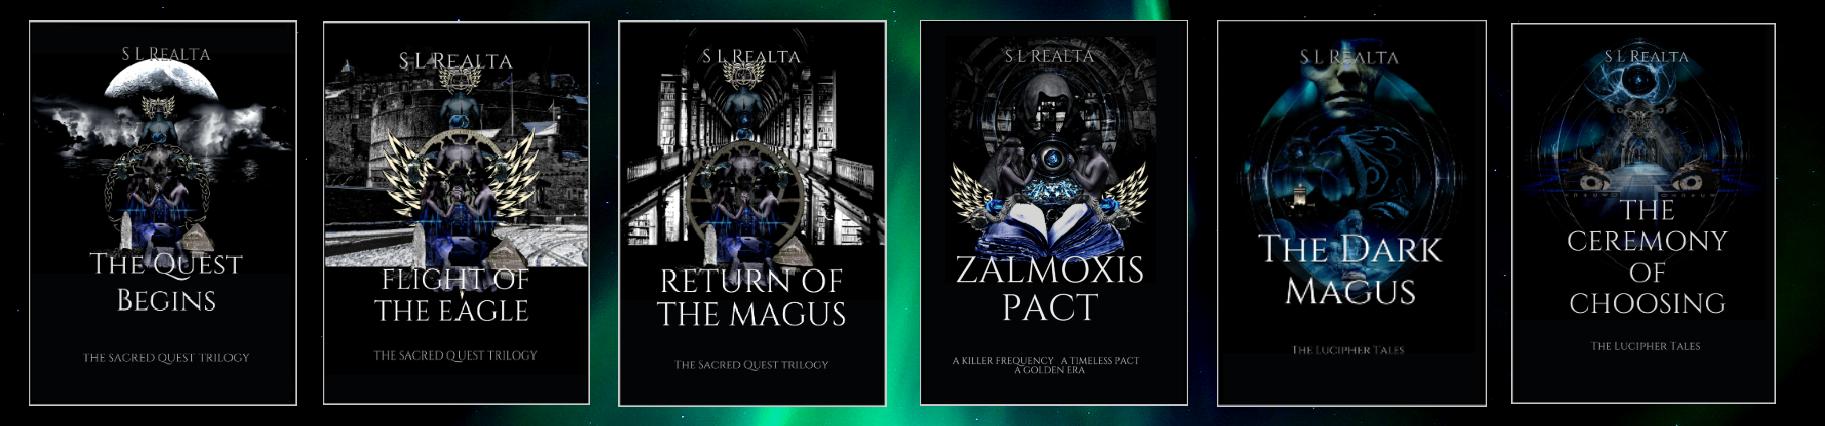 books banner for slr website